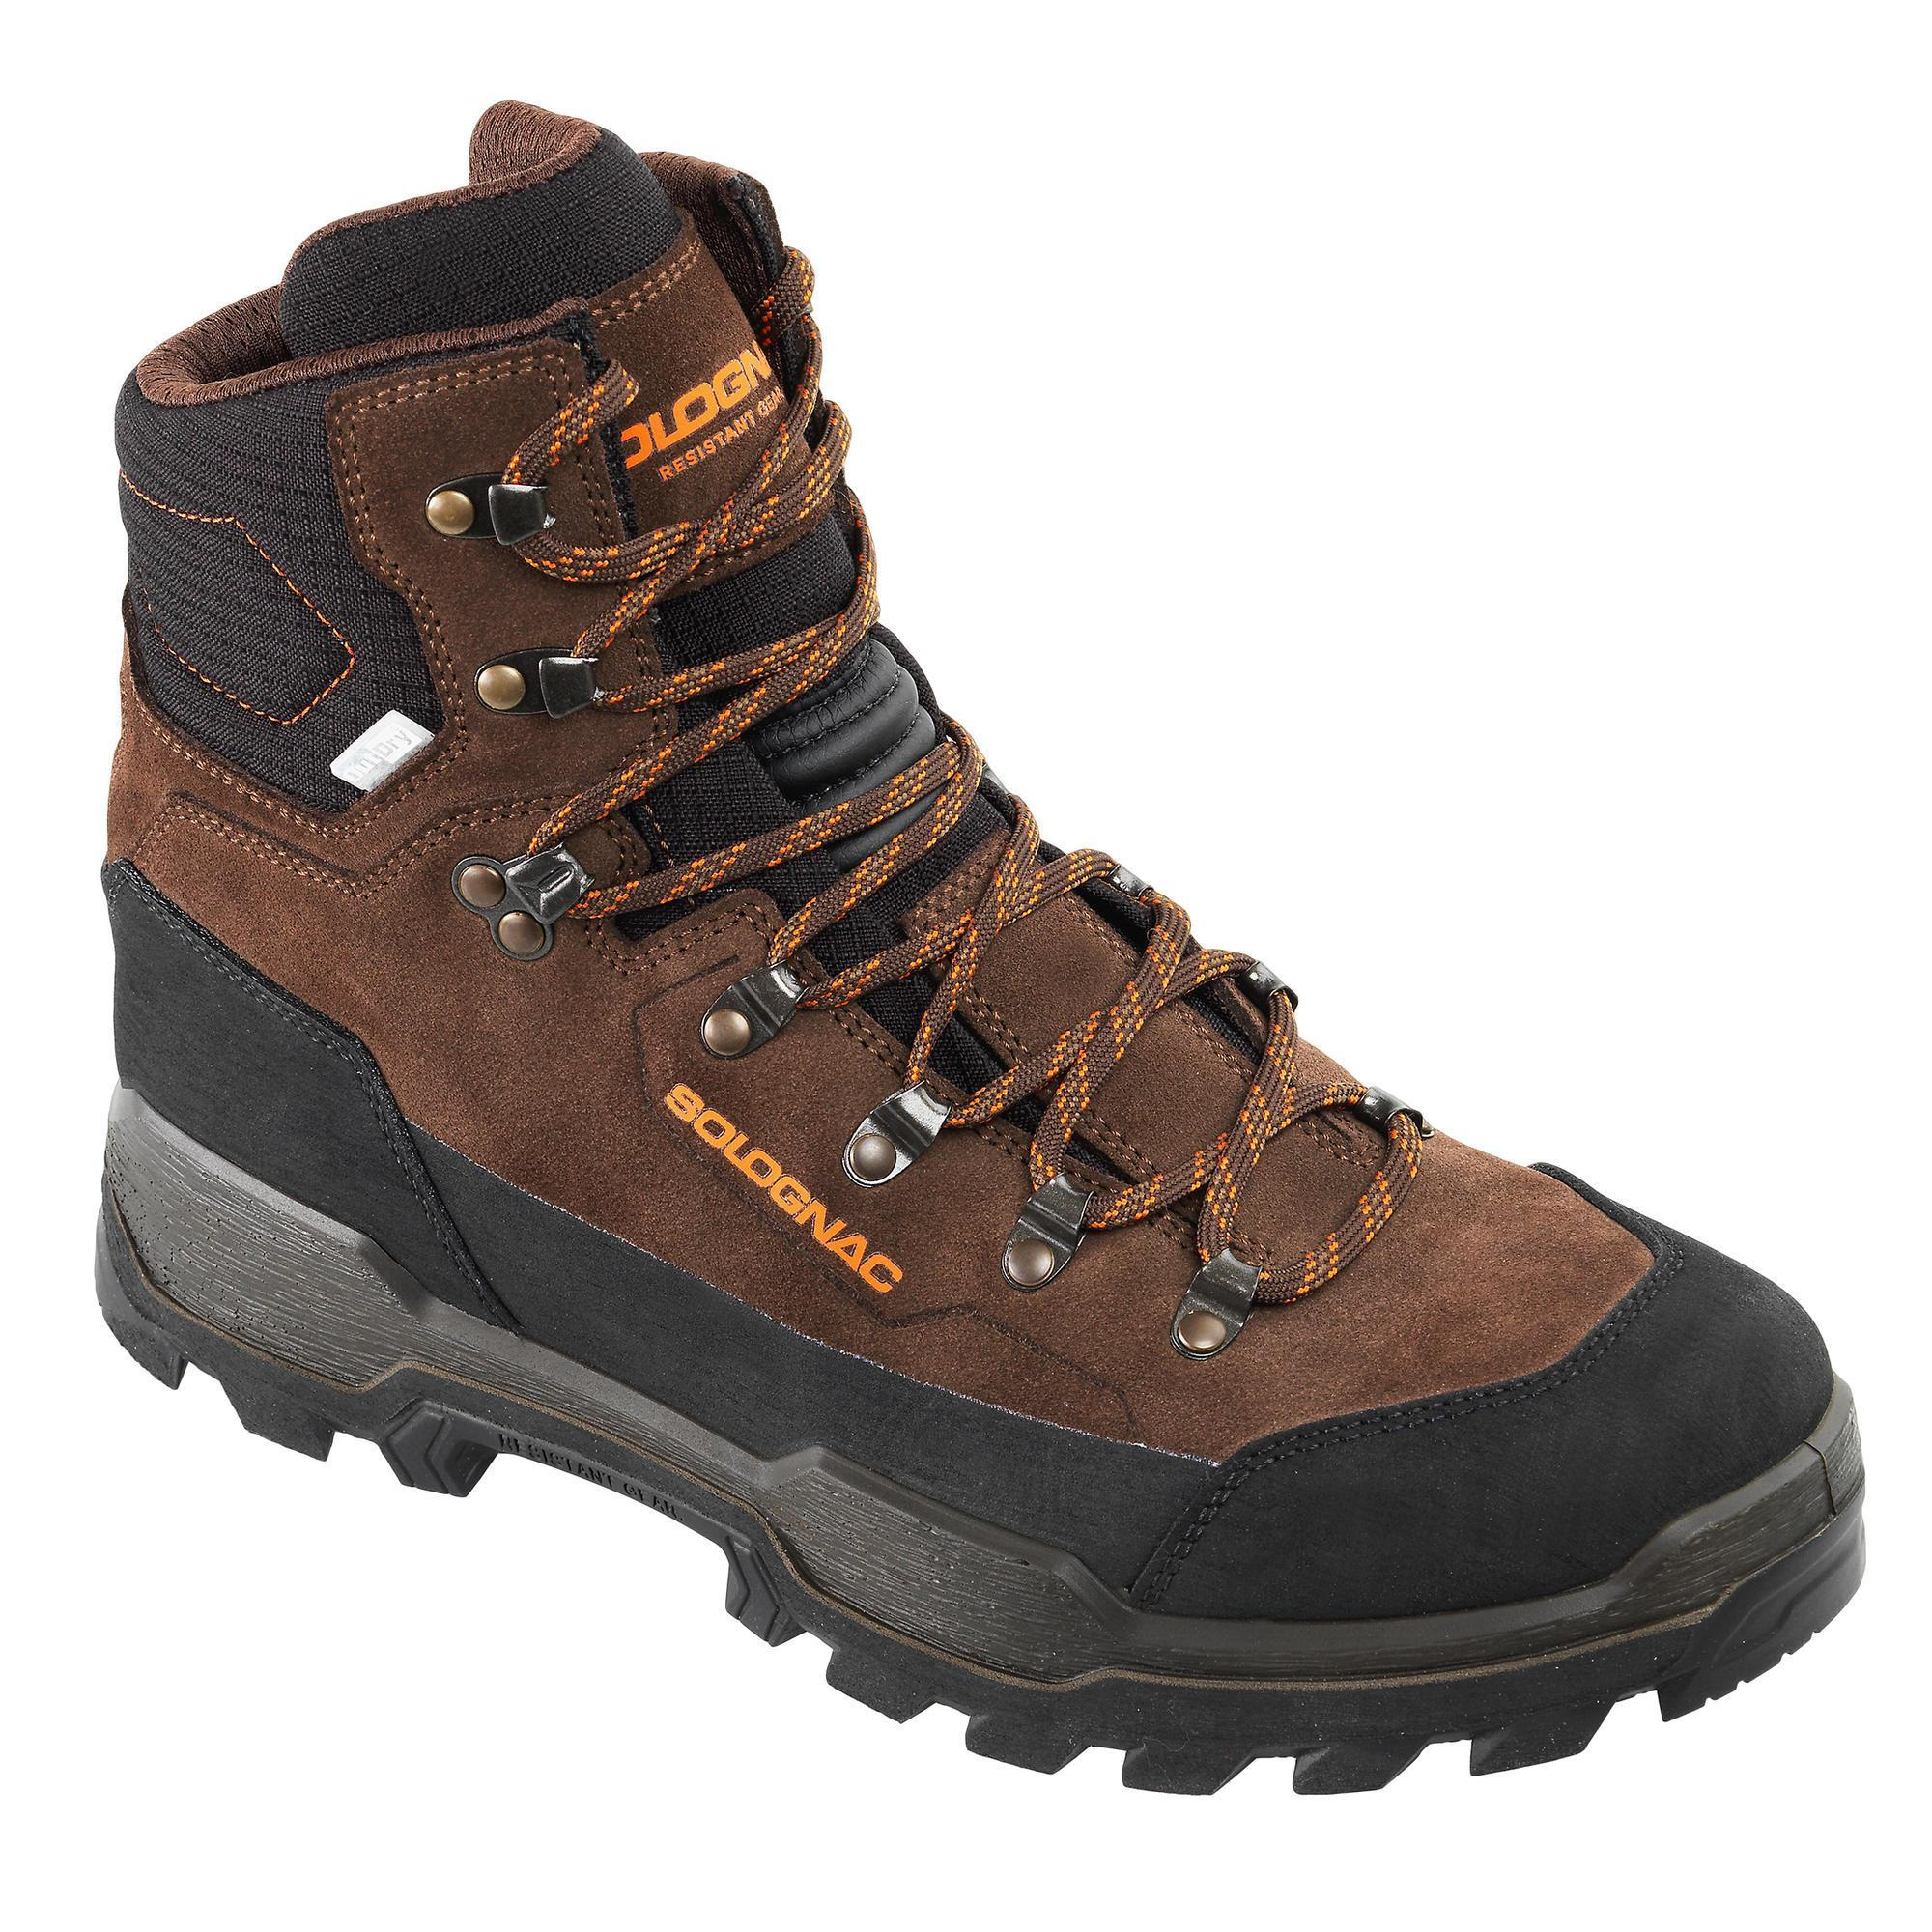 fc35c39fd86 Comprar Botas y Zapatillas de Gore-tex e Impermeables de Mujer | Decathlon